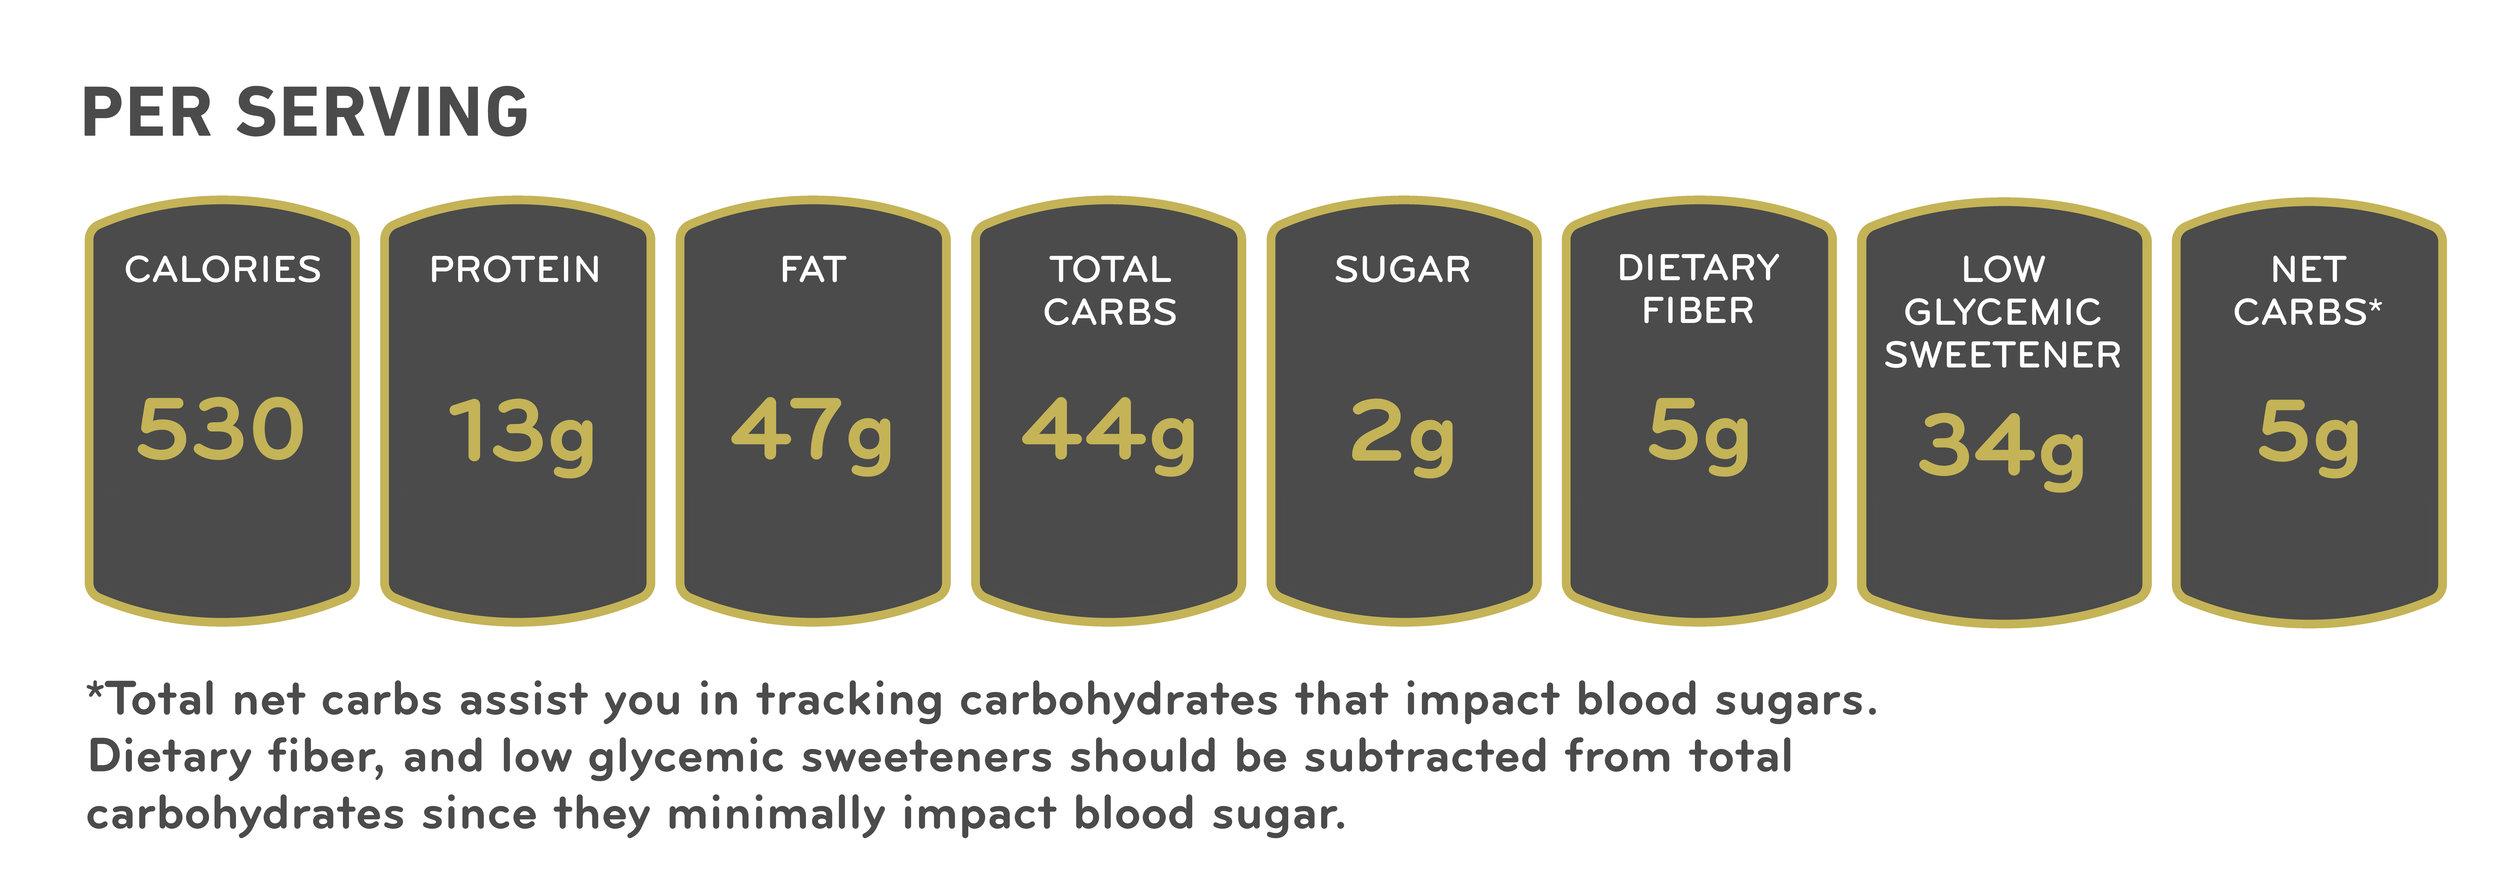 LOW CARB KETO RHUBARB TRIFLE NUTRITION FACTS.jpg